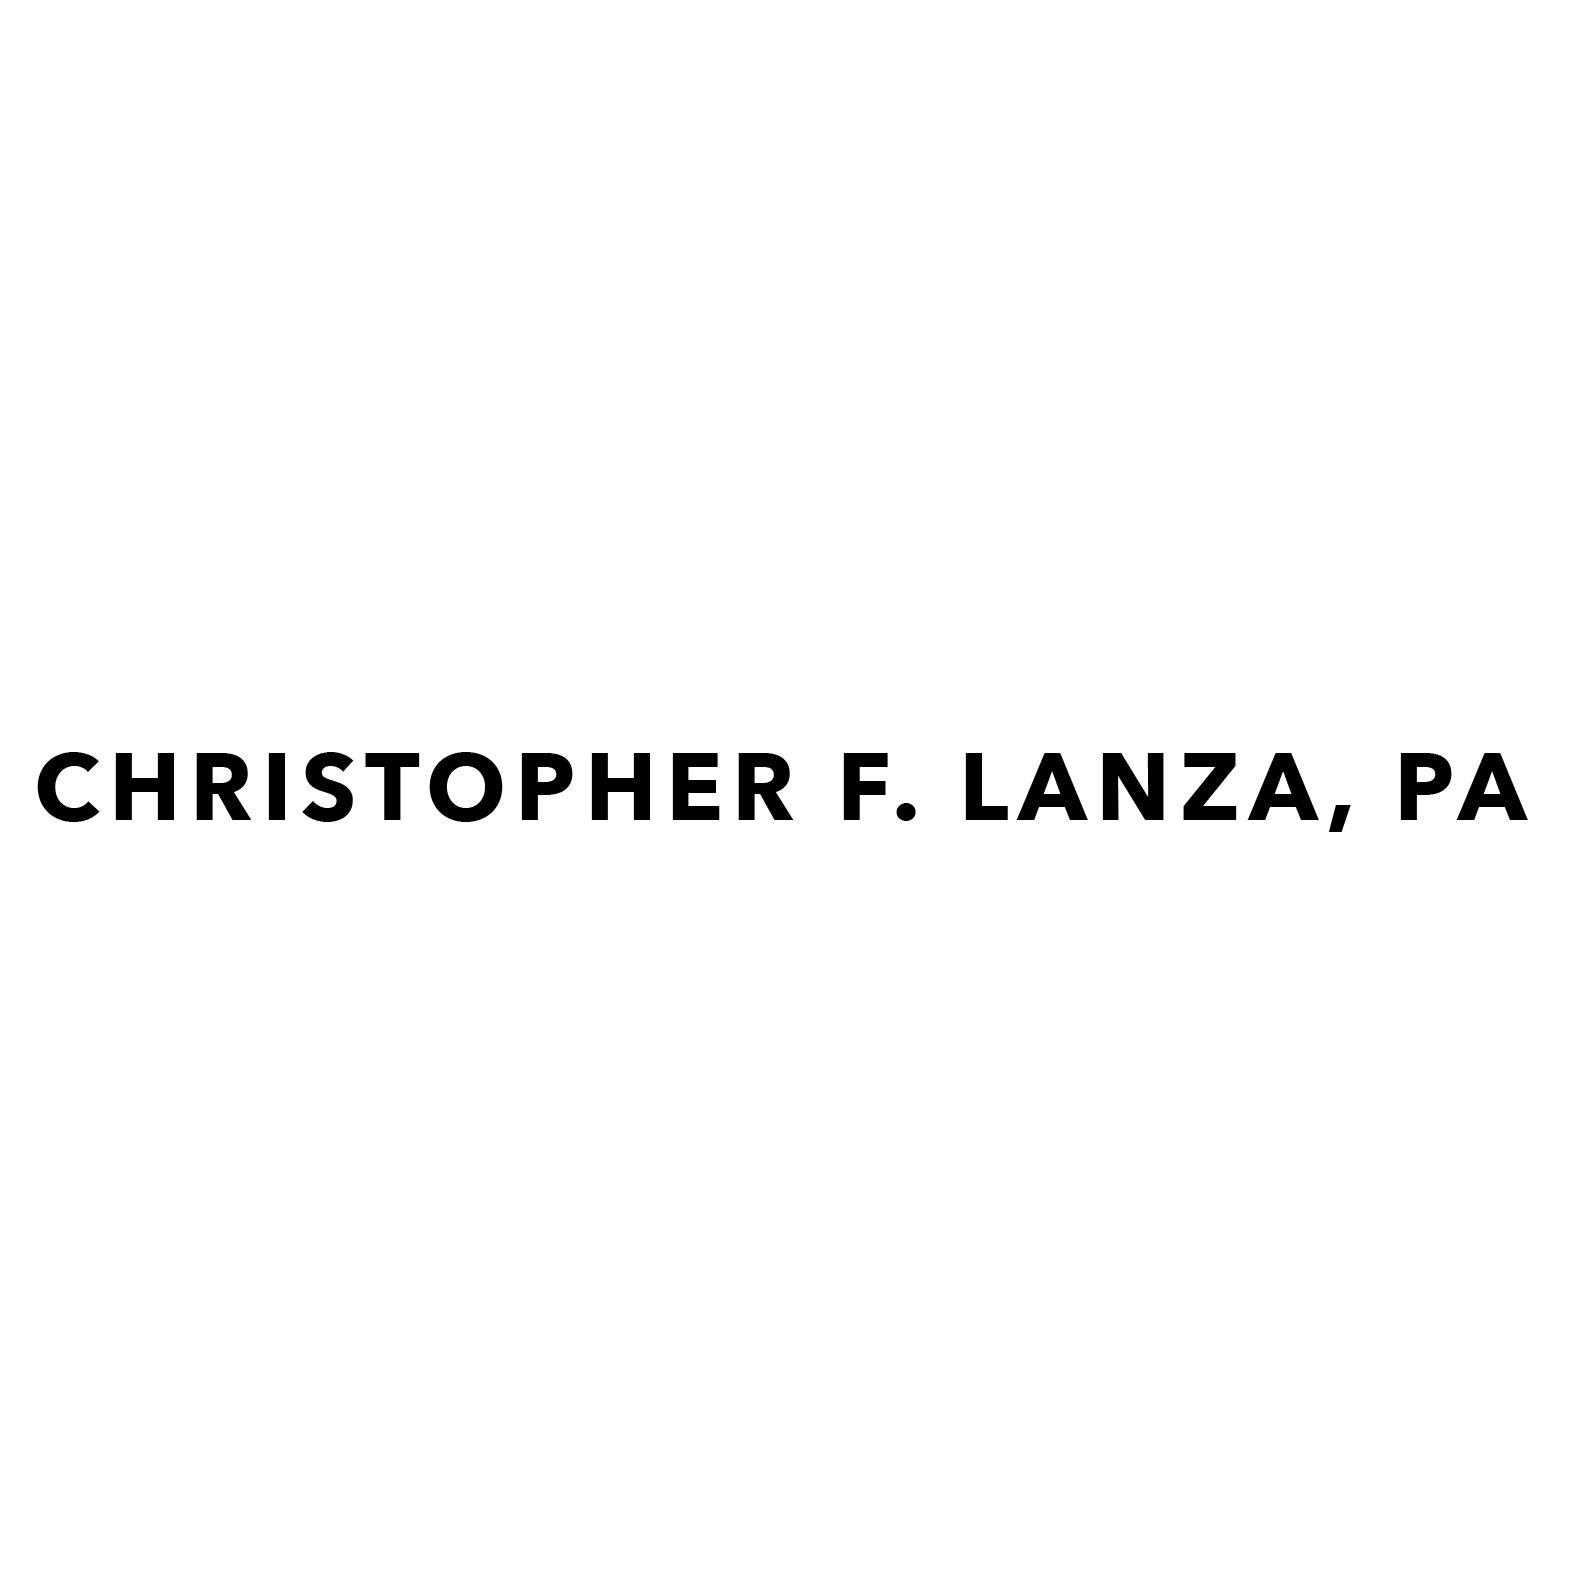 Christopher F. Lanza, PA